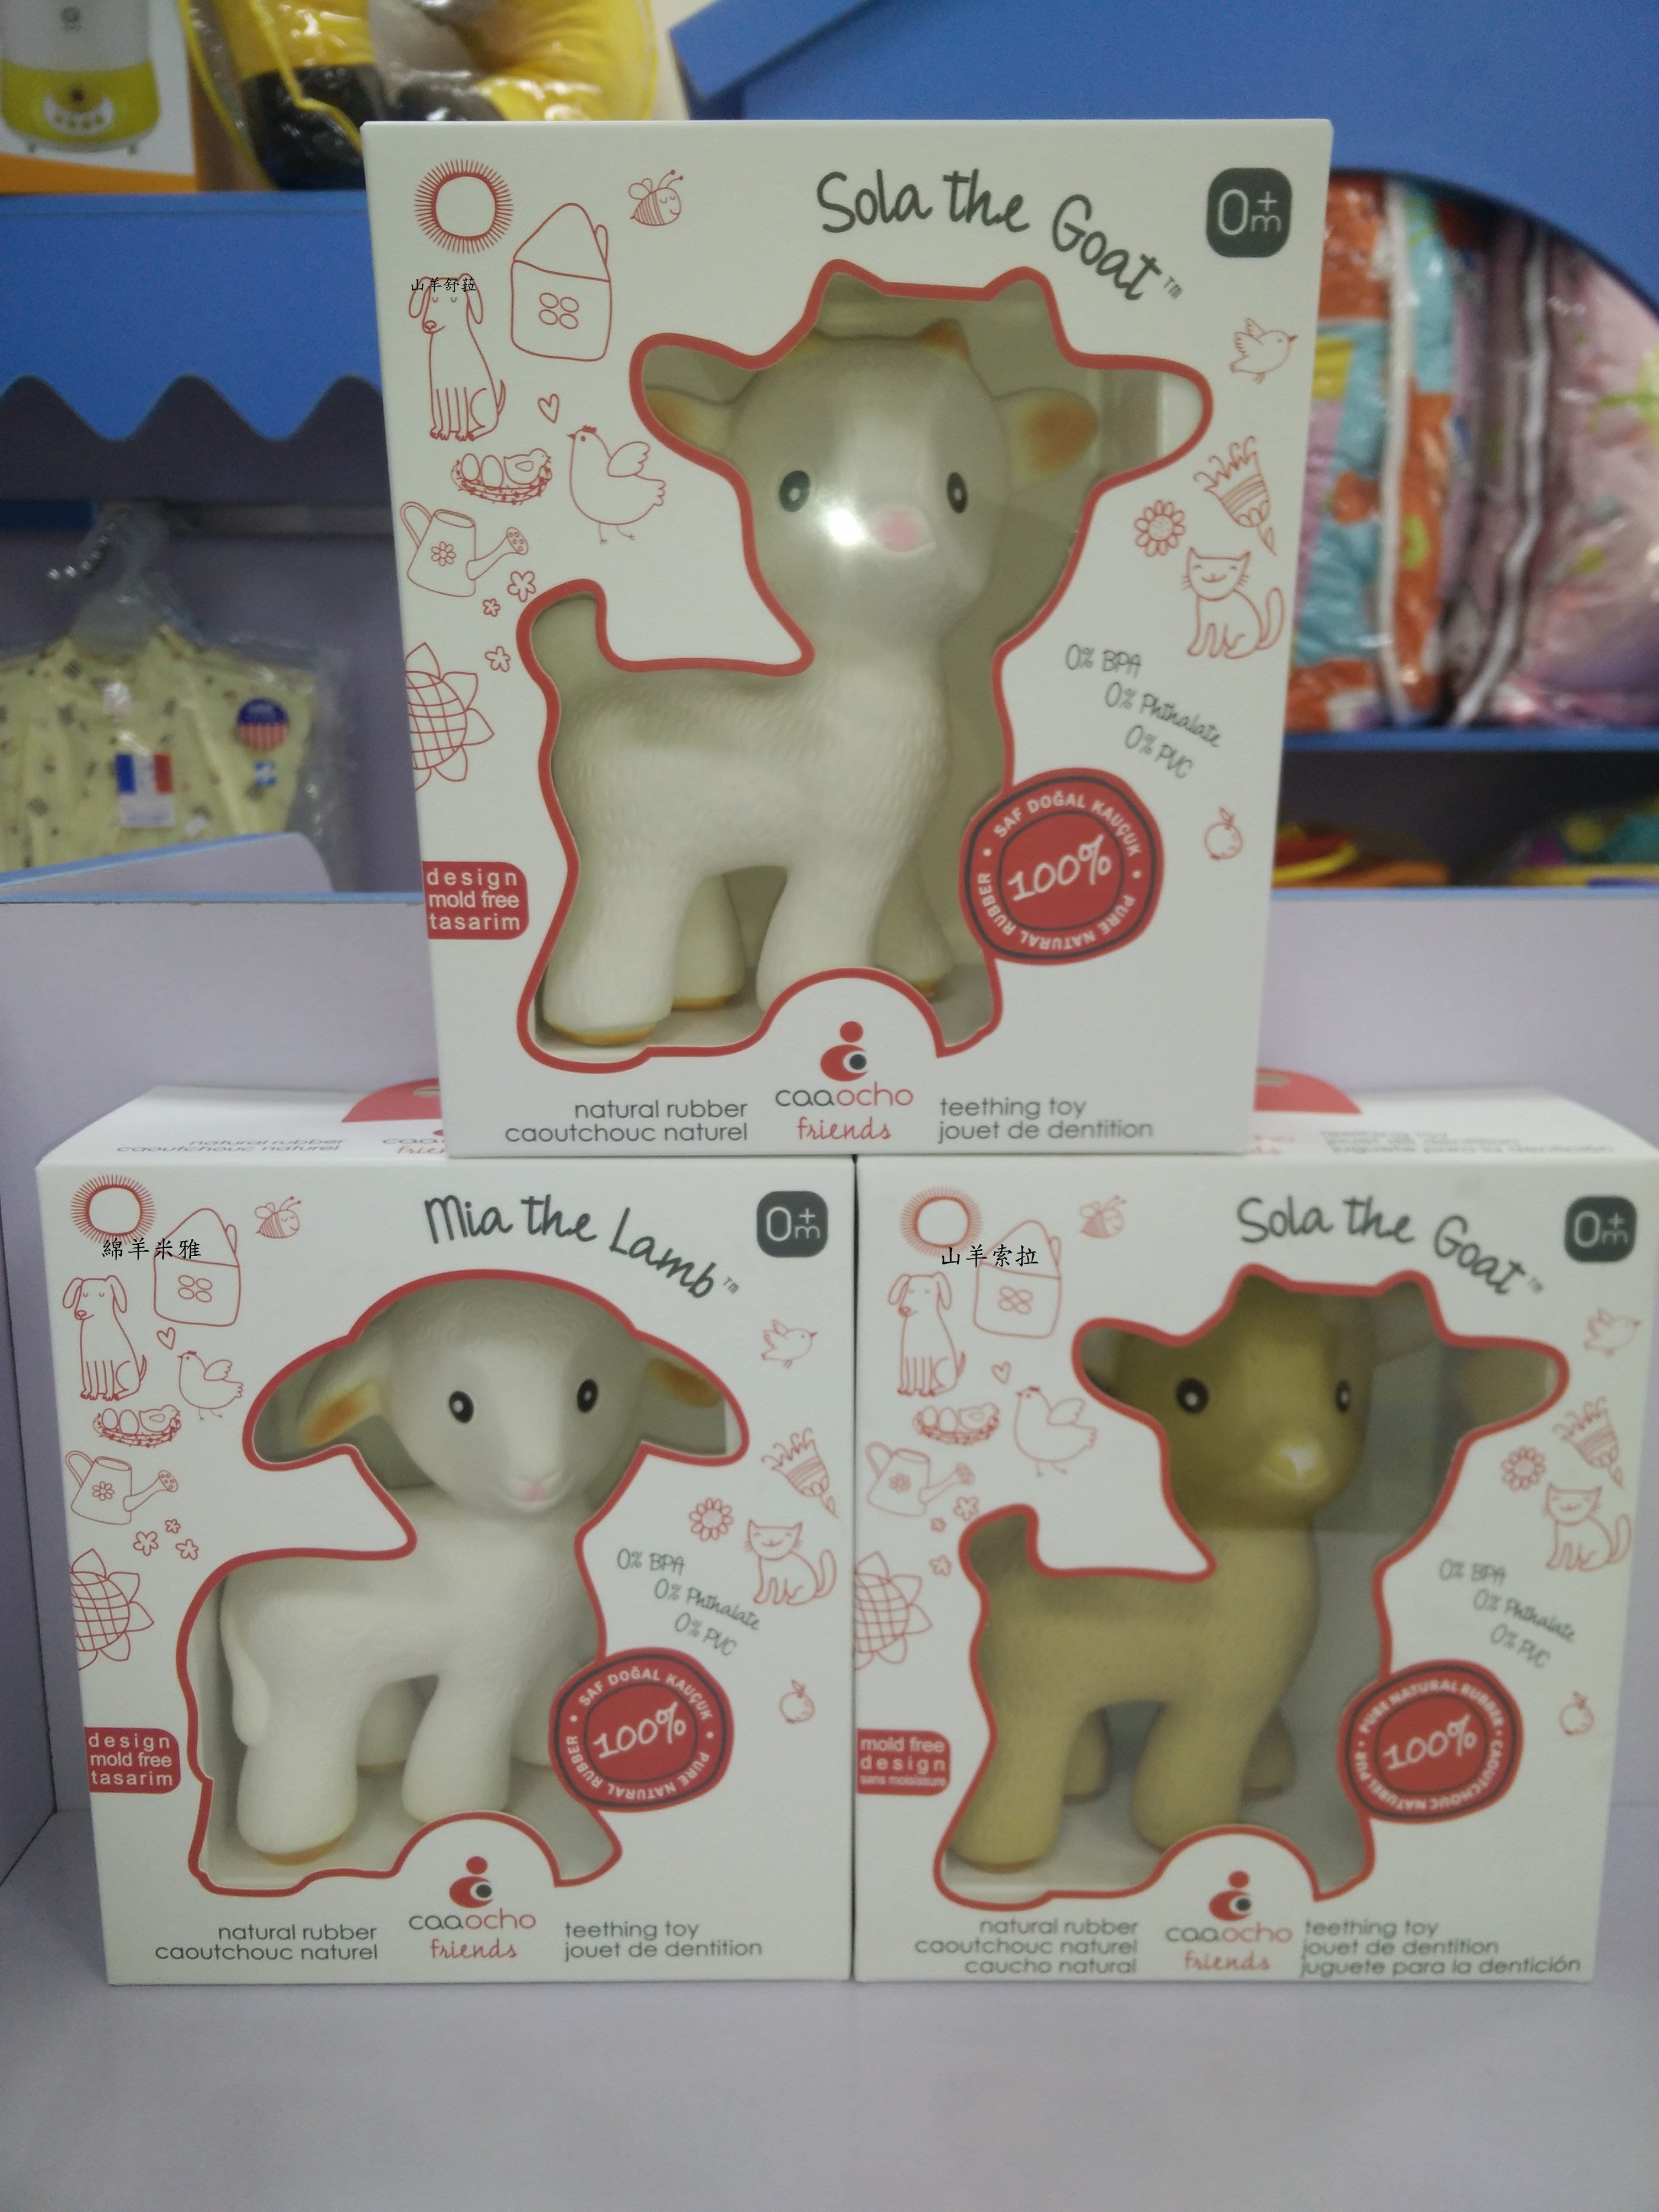 【可趣 CaaOcho】好朋友系列固齒器玩具。山羊舒菈,山羊索拉,綿羊米雅